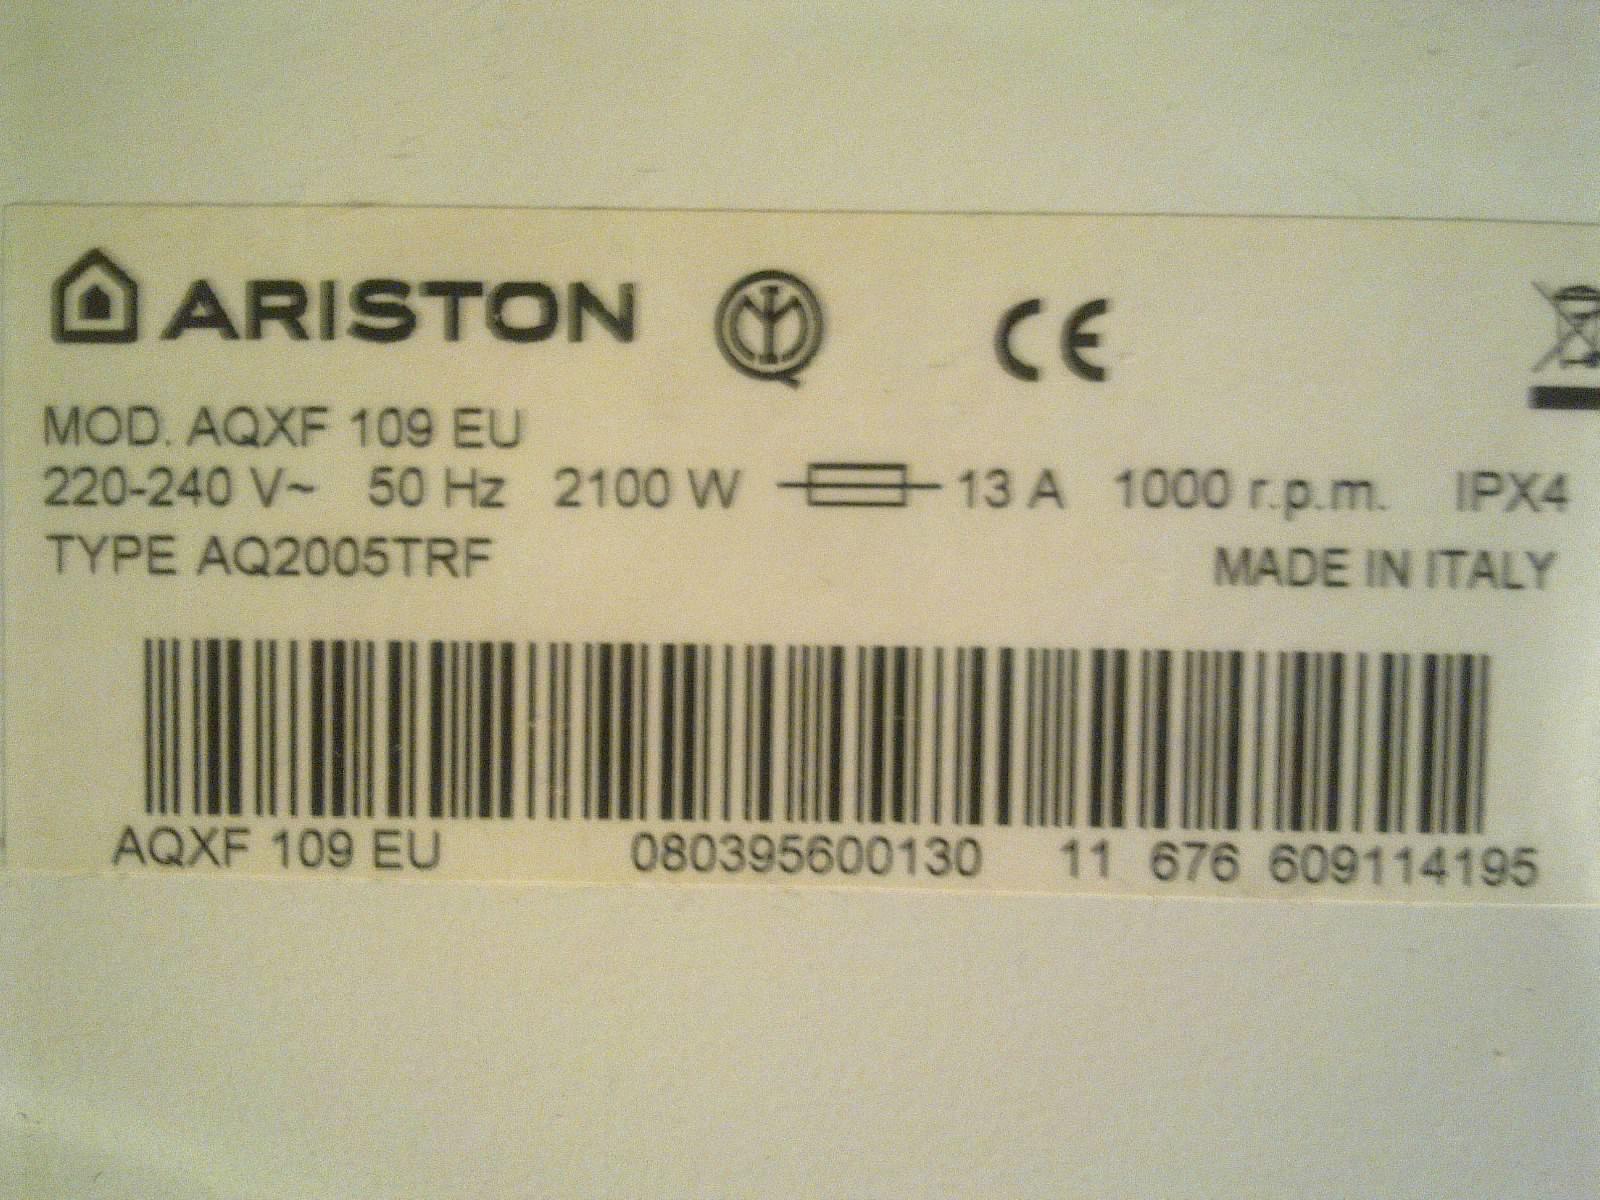 Ariston AQXF 109 EU - Prosba o wsad pami�ci